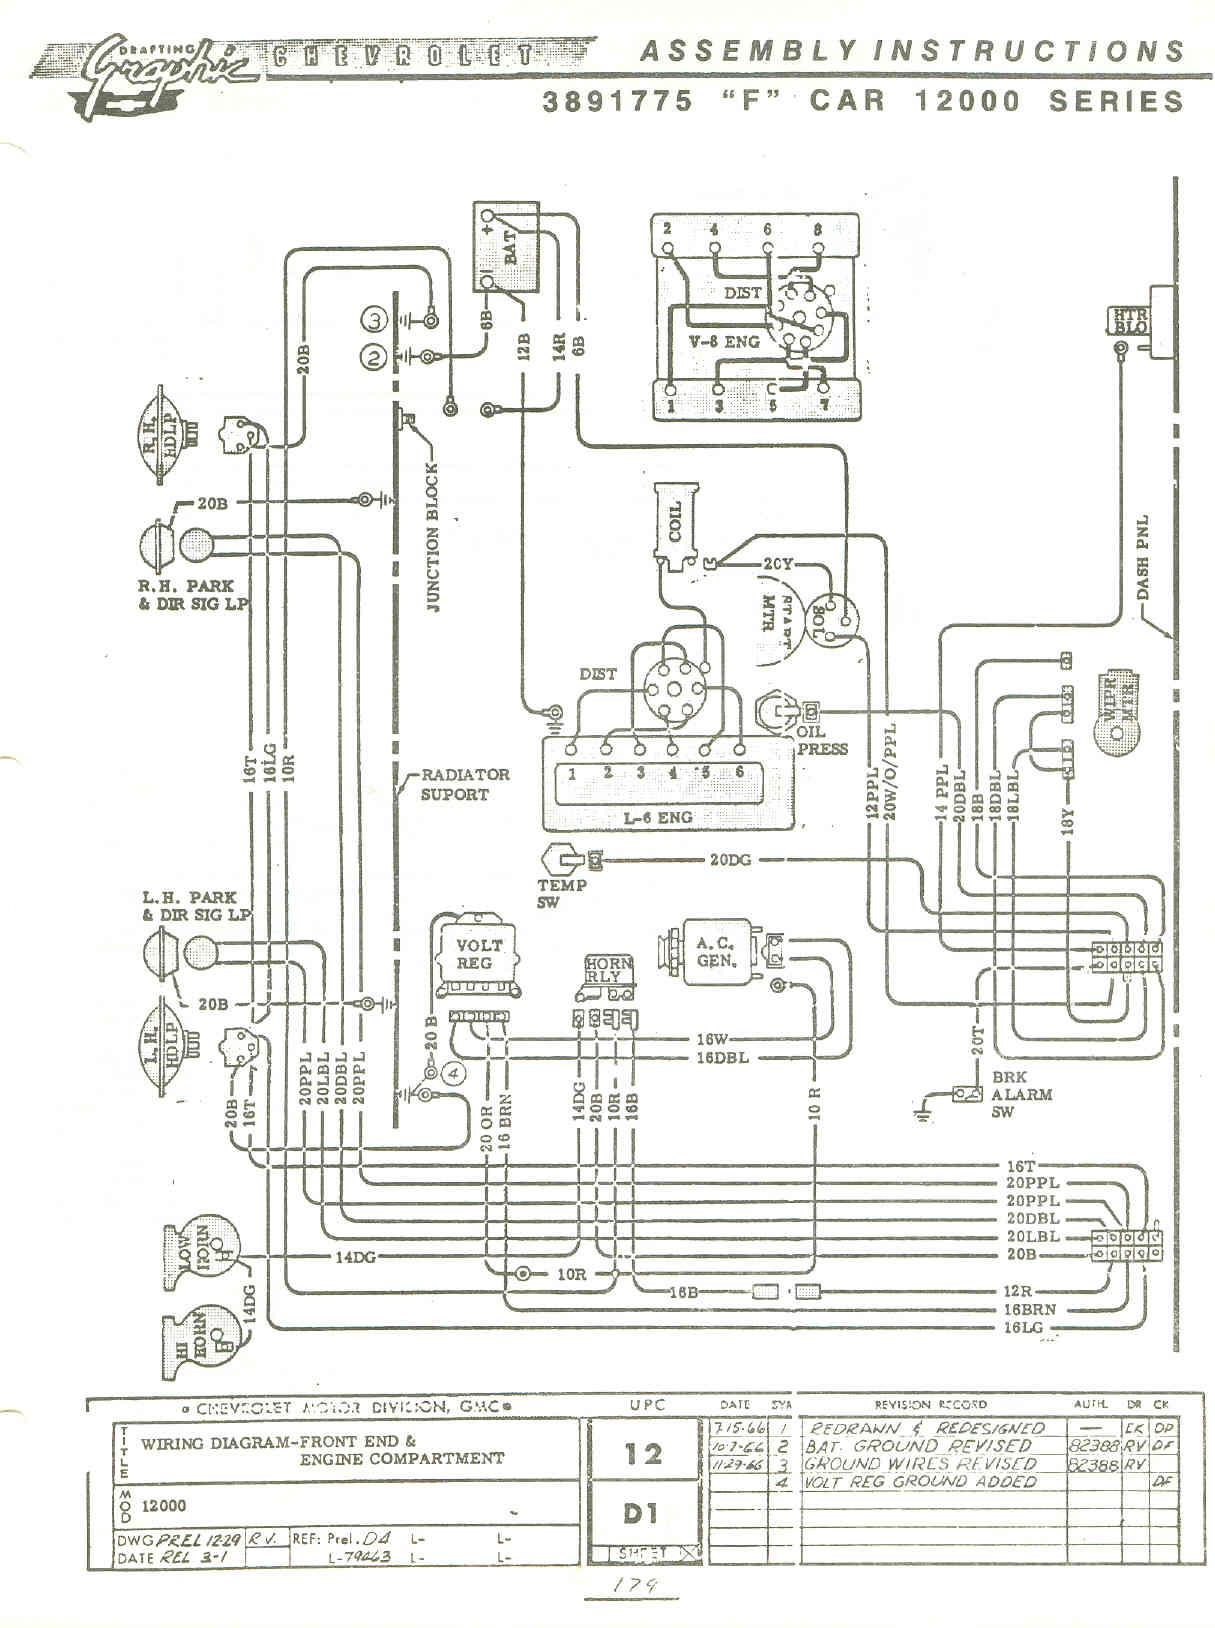 1969 mustang steering wheel wiring diagram 67 camaro turn signal wiring diagram wiring diagram e11  67 camaro turn signal wiring diagram